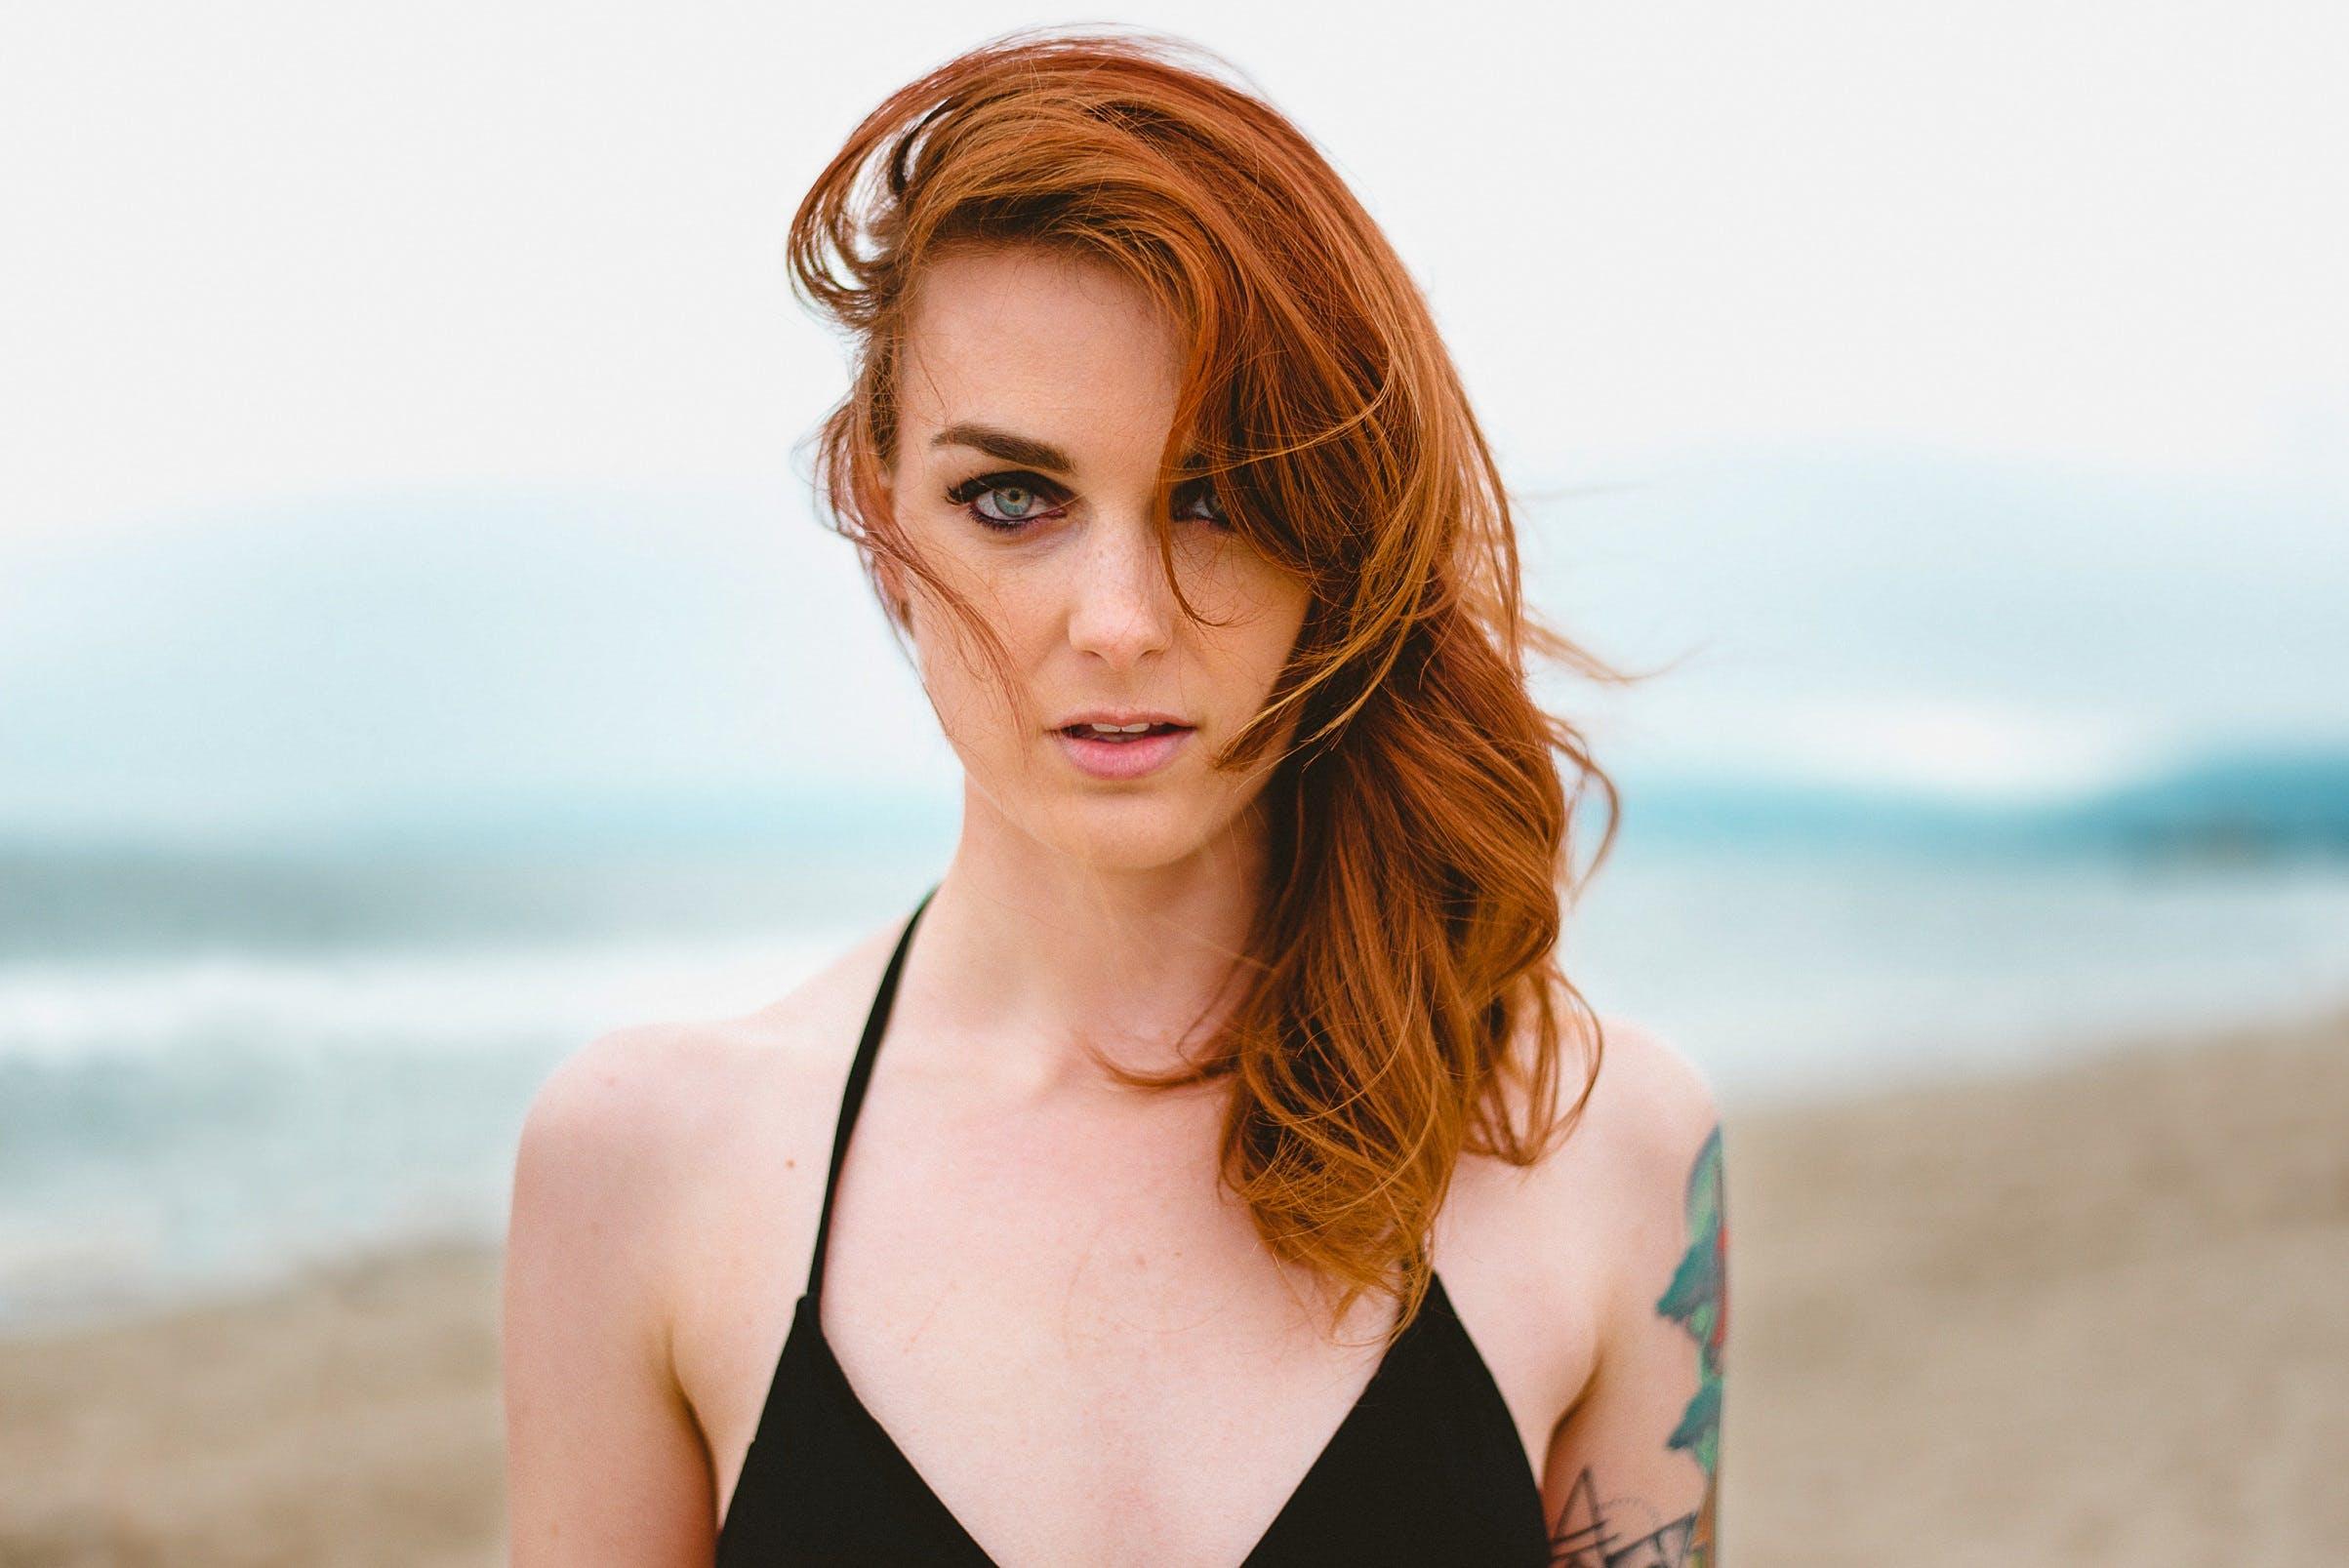 Woman Wearing Black String Bikini Top